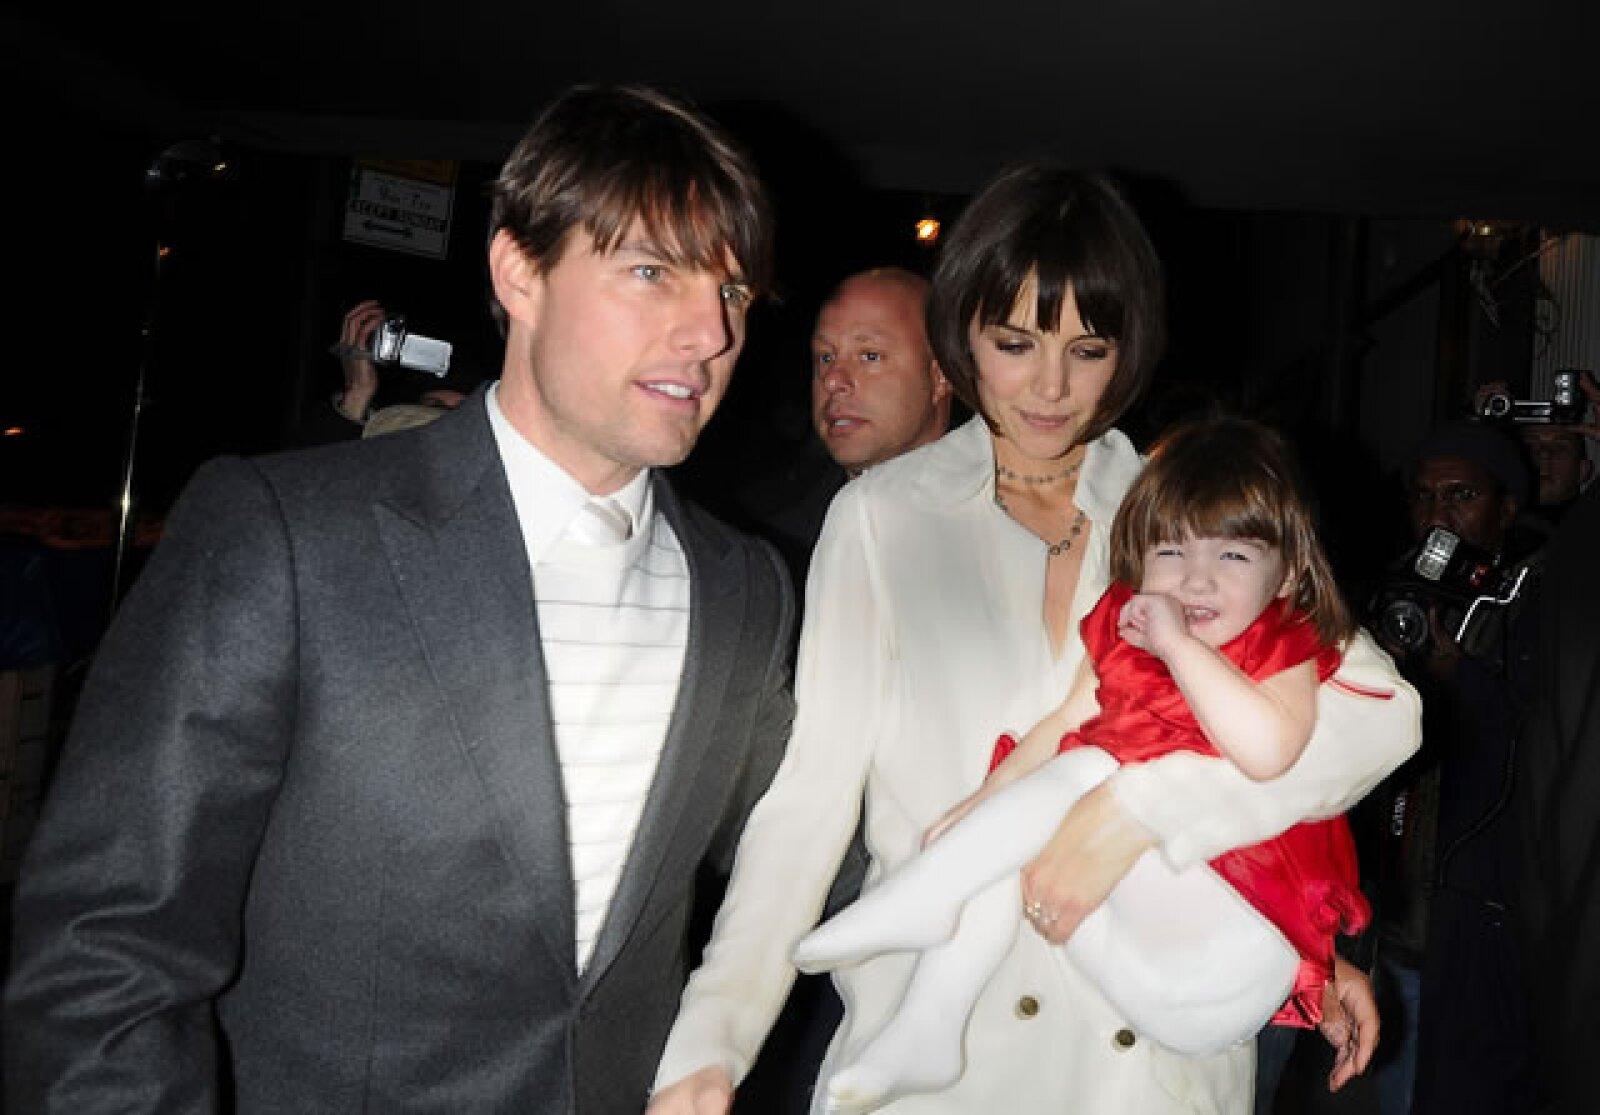 Contrario a muchos famosos, Katie y Tom no escondieron a la pequeña Suri.